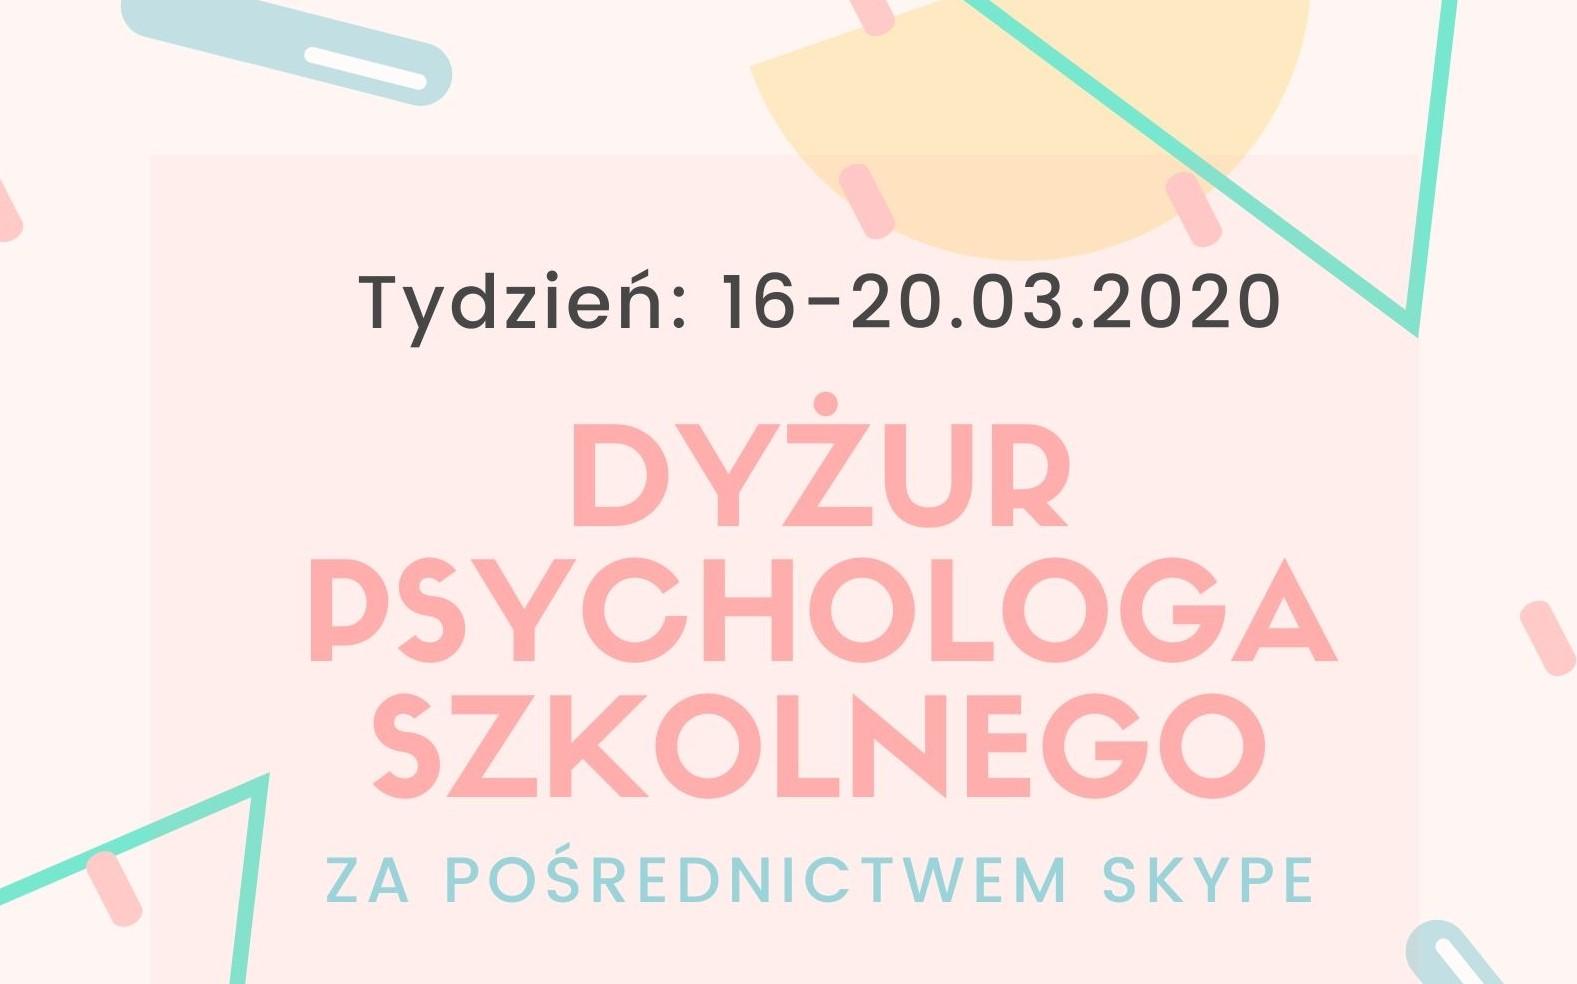 Dyżur psychologa szkolnego